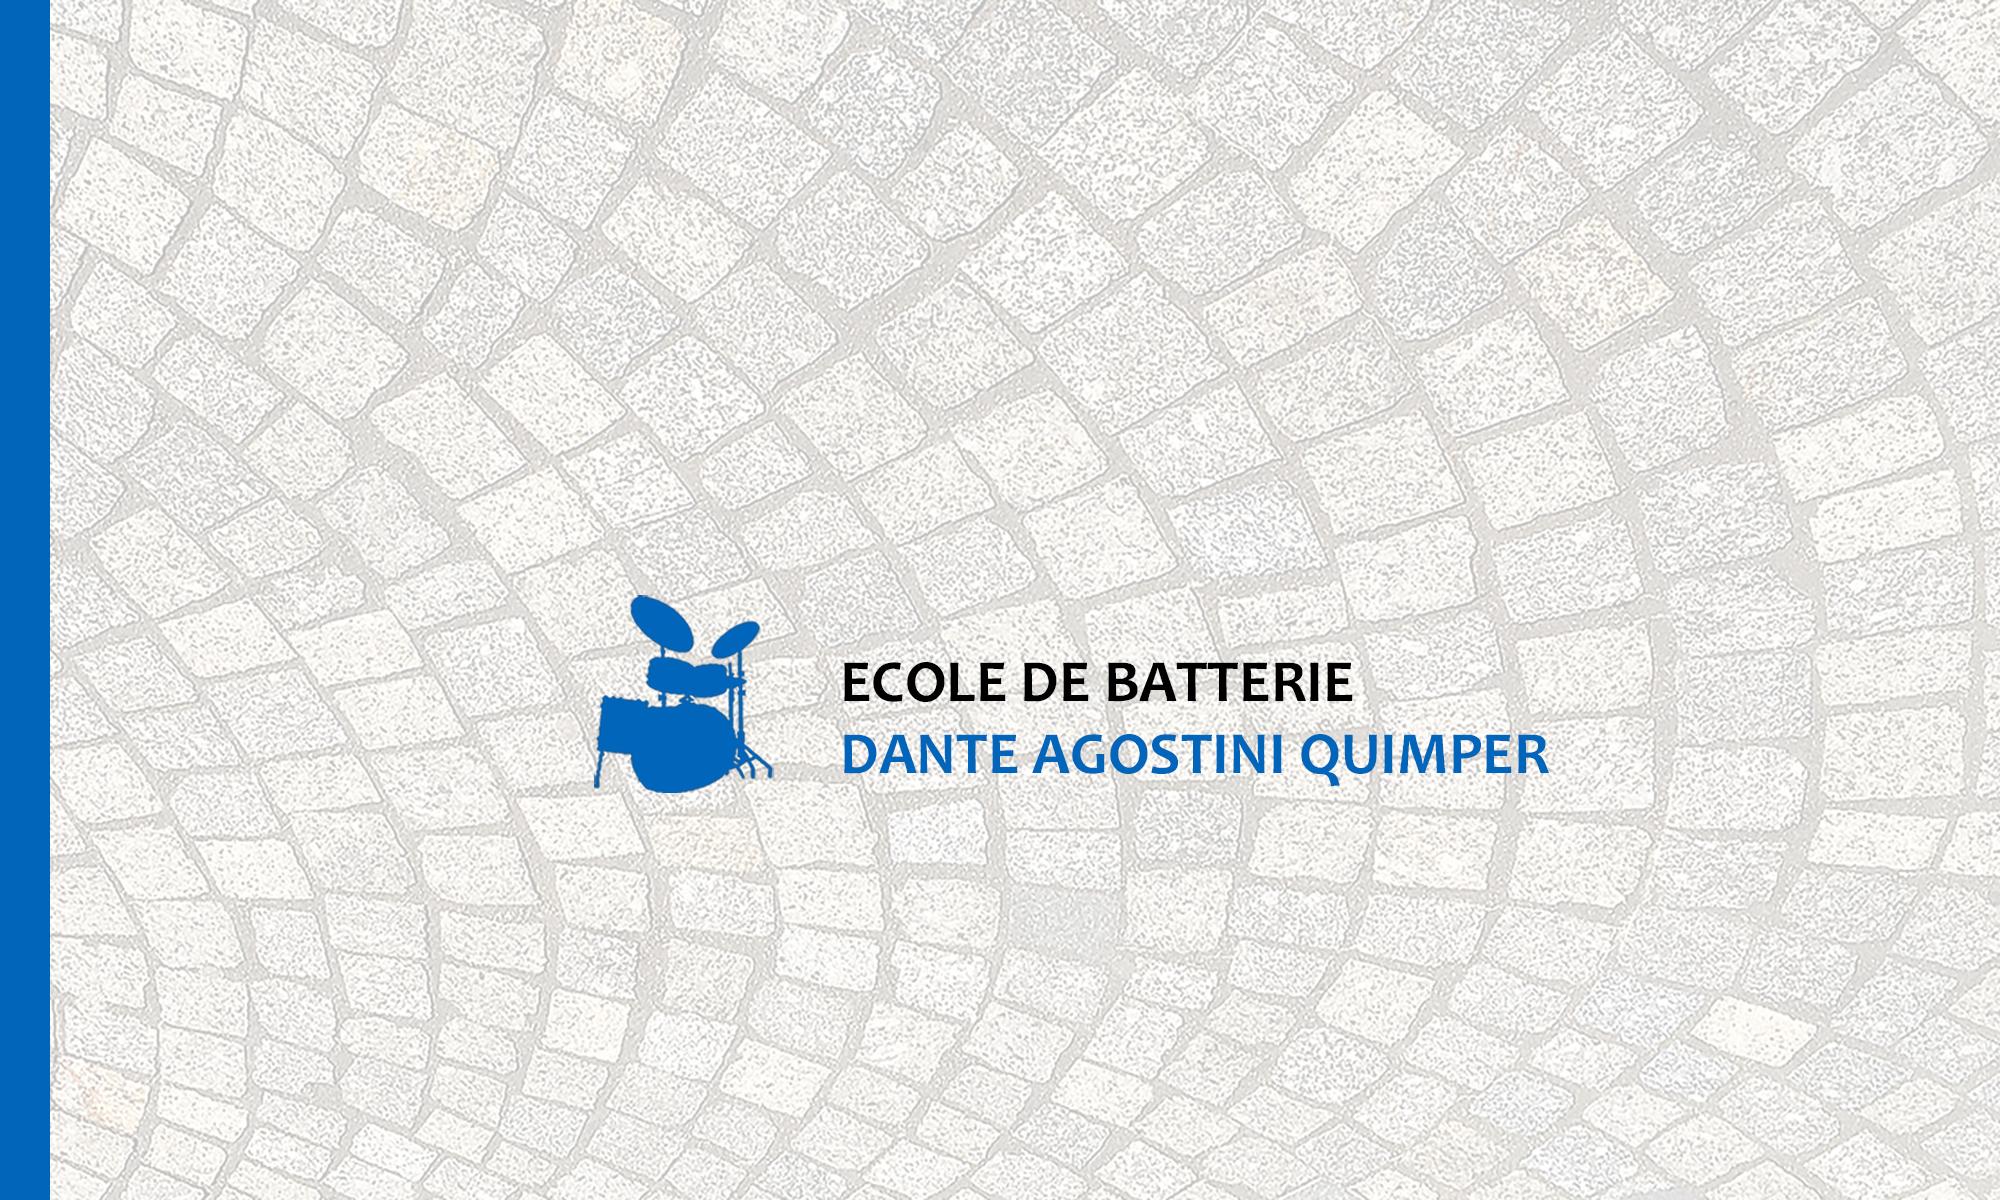 École et cours de batterie Dante Agostini Quimper